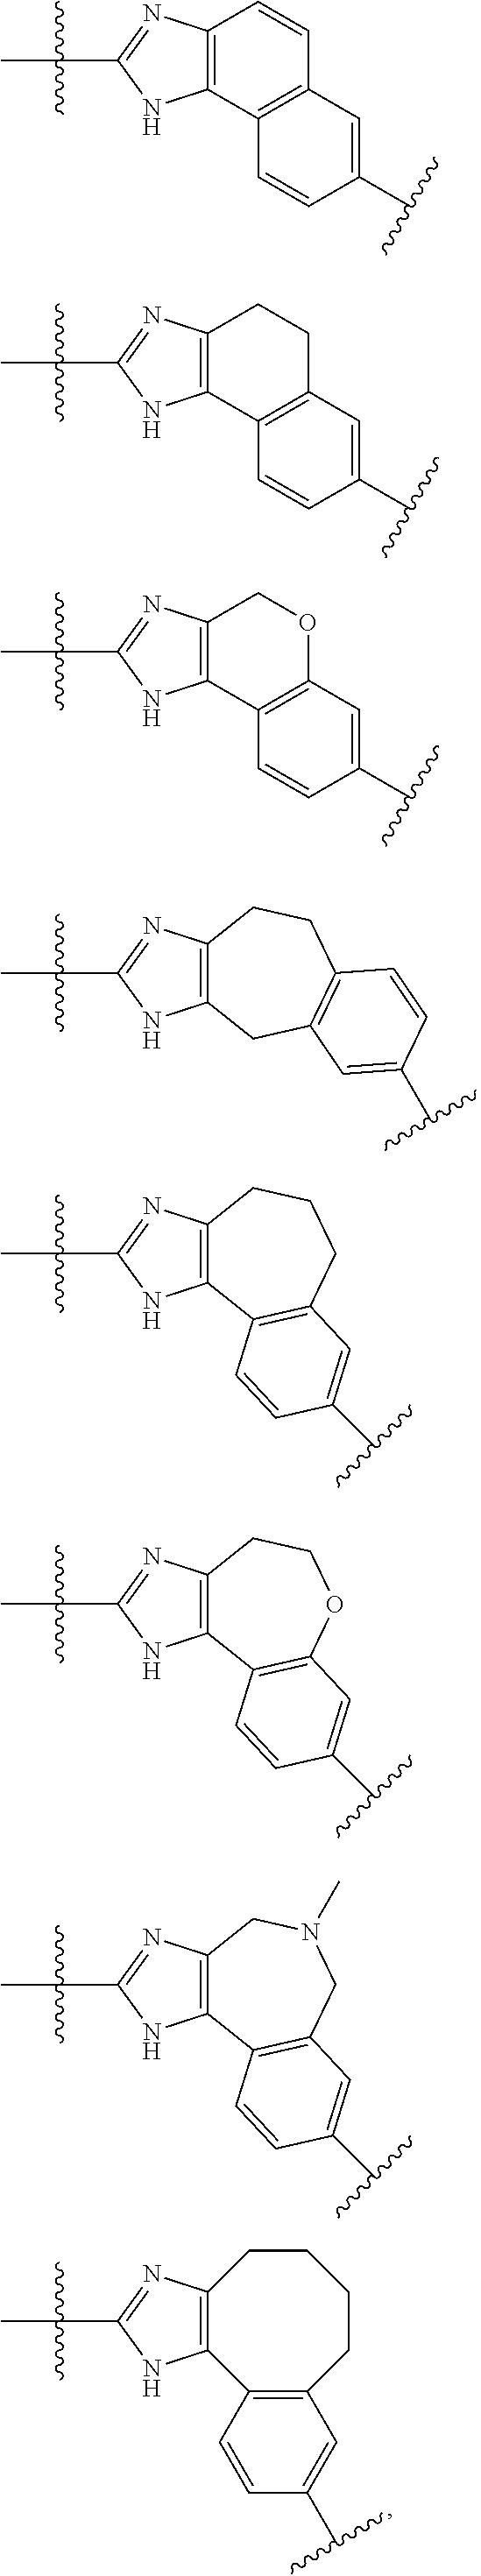 Figure US08933110-20150113-C00012